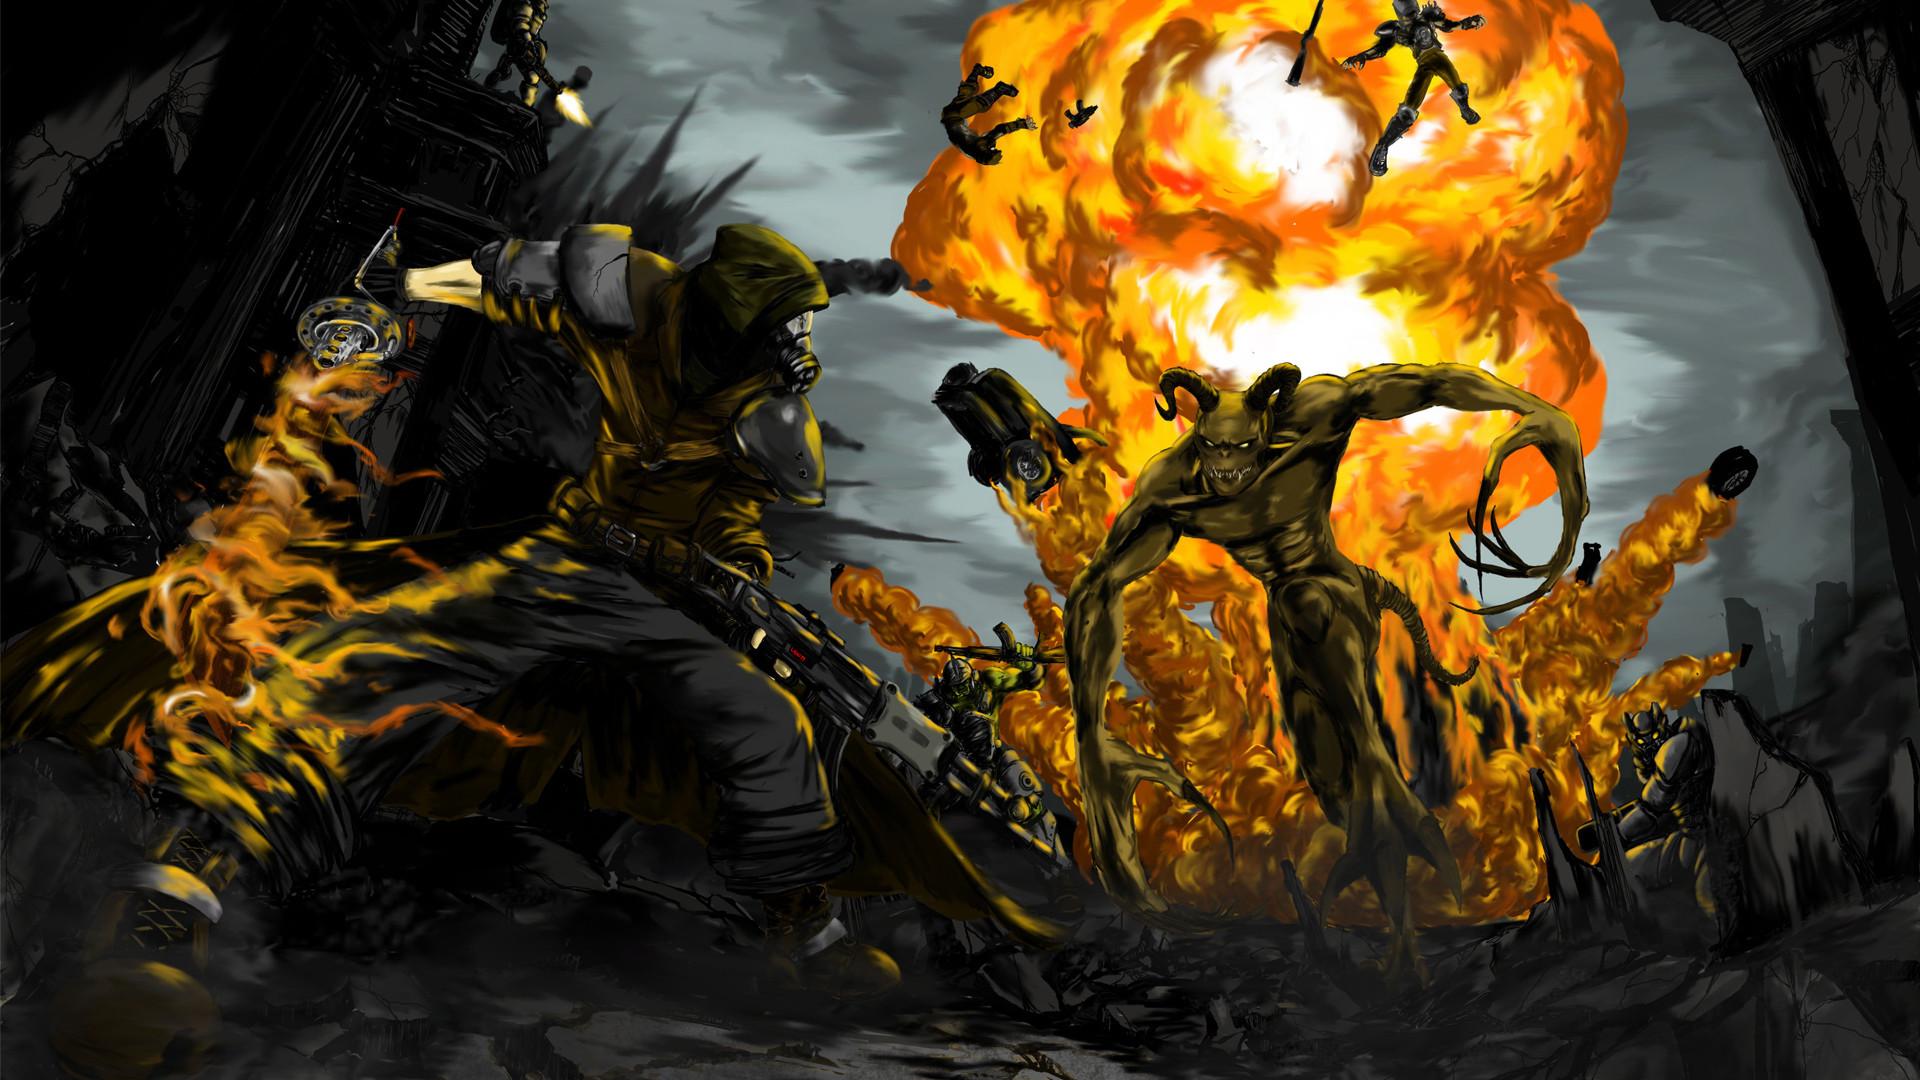 Fallout Wallpaper Dump